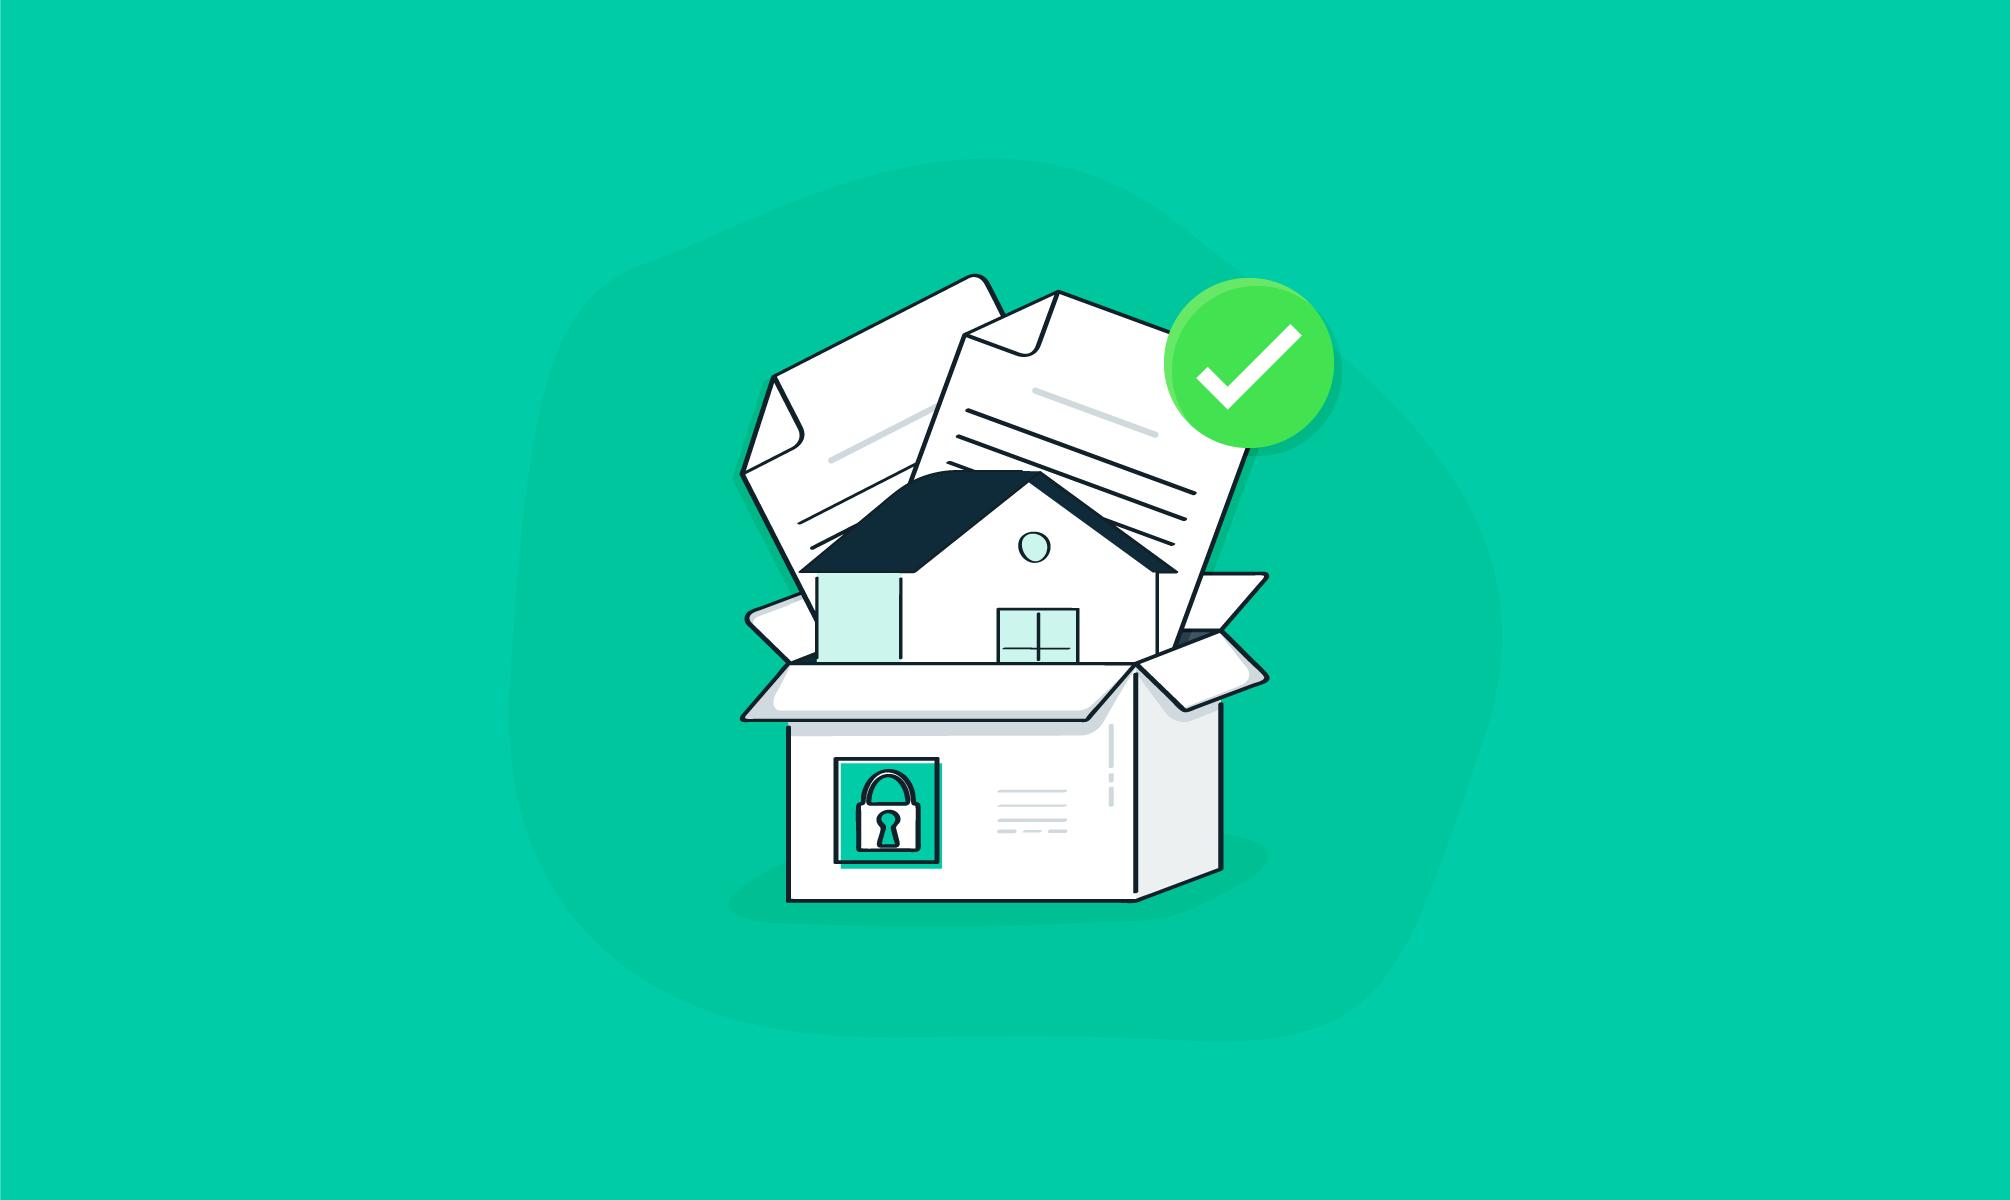 As vantagens da angariação em exclusivo na mediação imobiliária